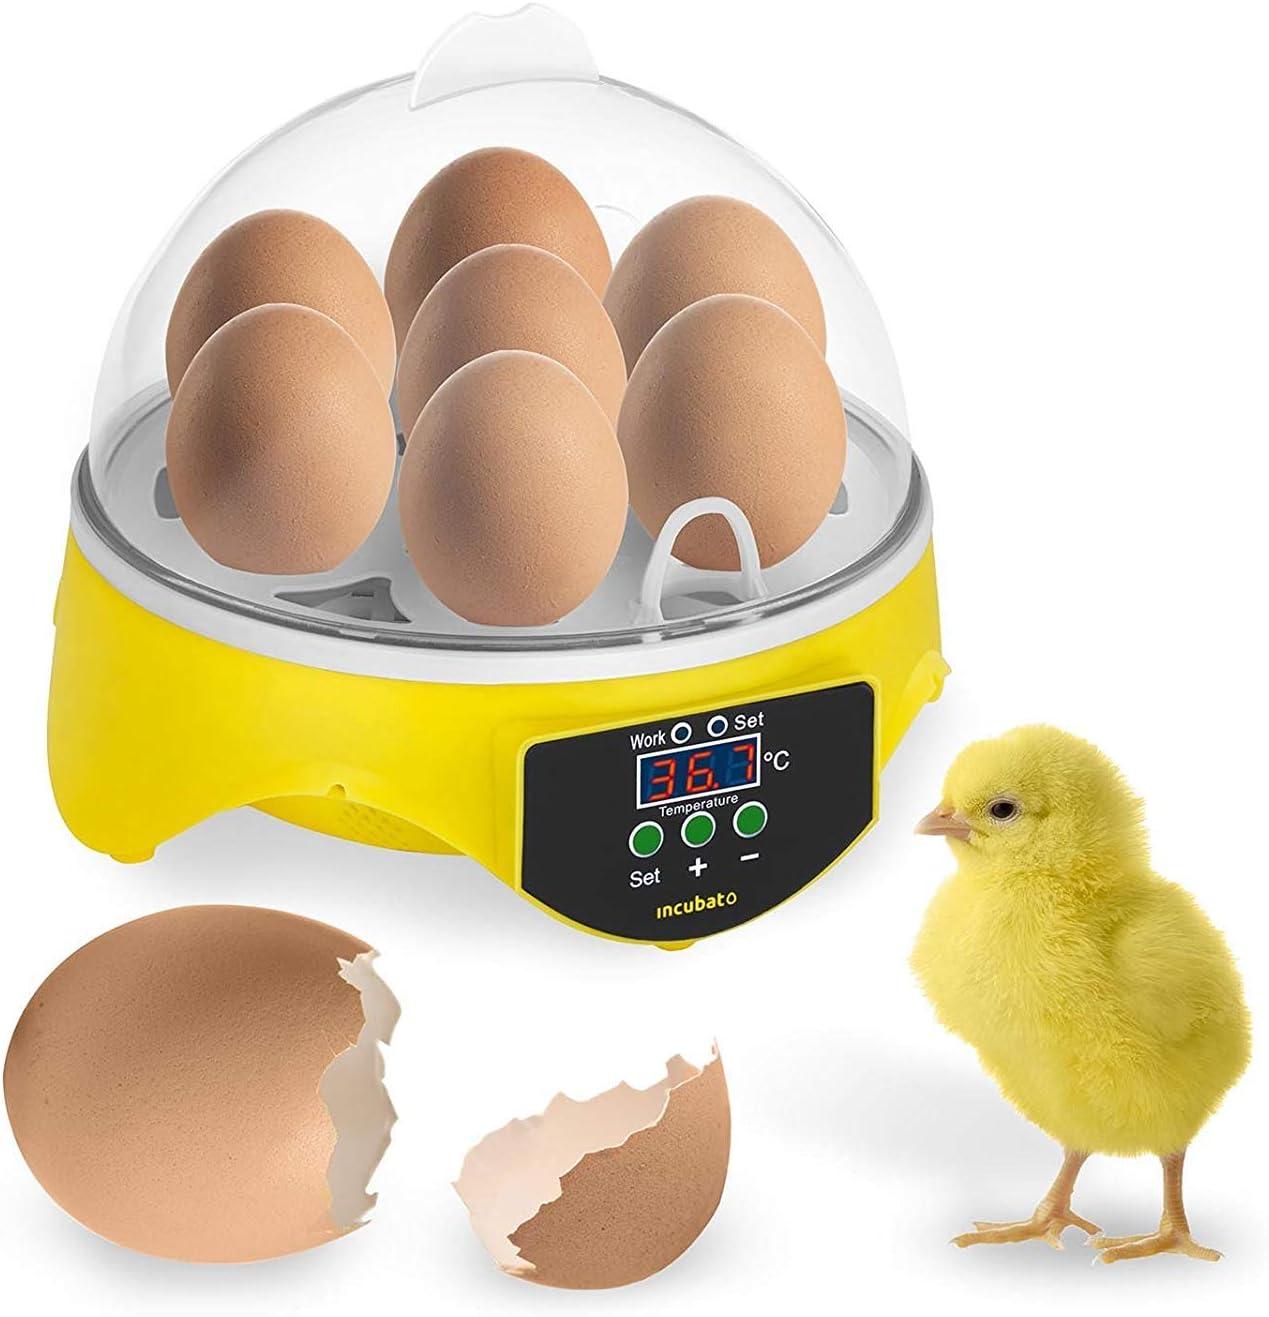 Mini Digital Incubadora de Capacidad de 7 Huevos Pollo Huevo Incubadora para Pollo Pato Máquina de Eclosión de Pájaro Incubación de Polluelos(Control de Temperatura Inteligente 20-50 °C)